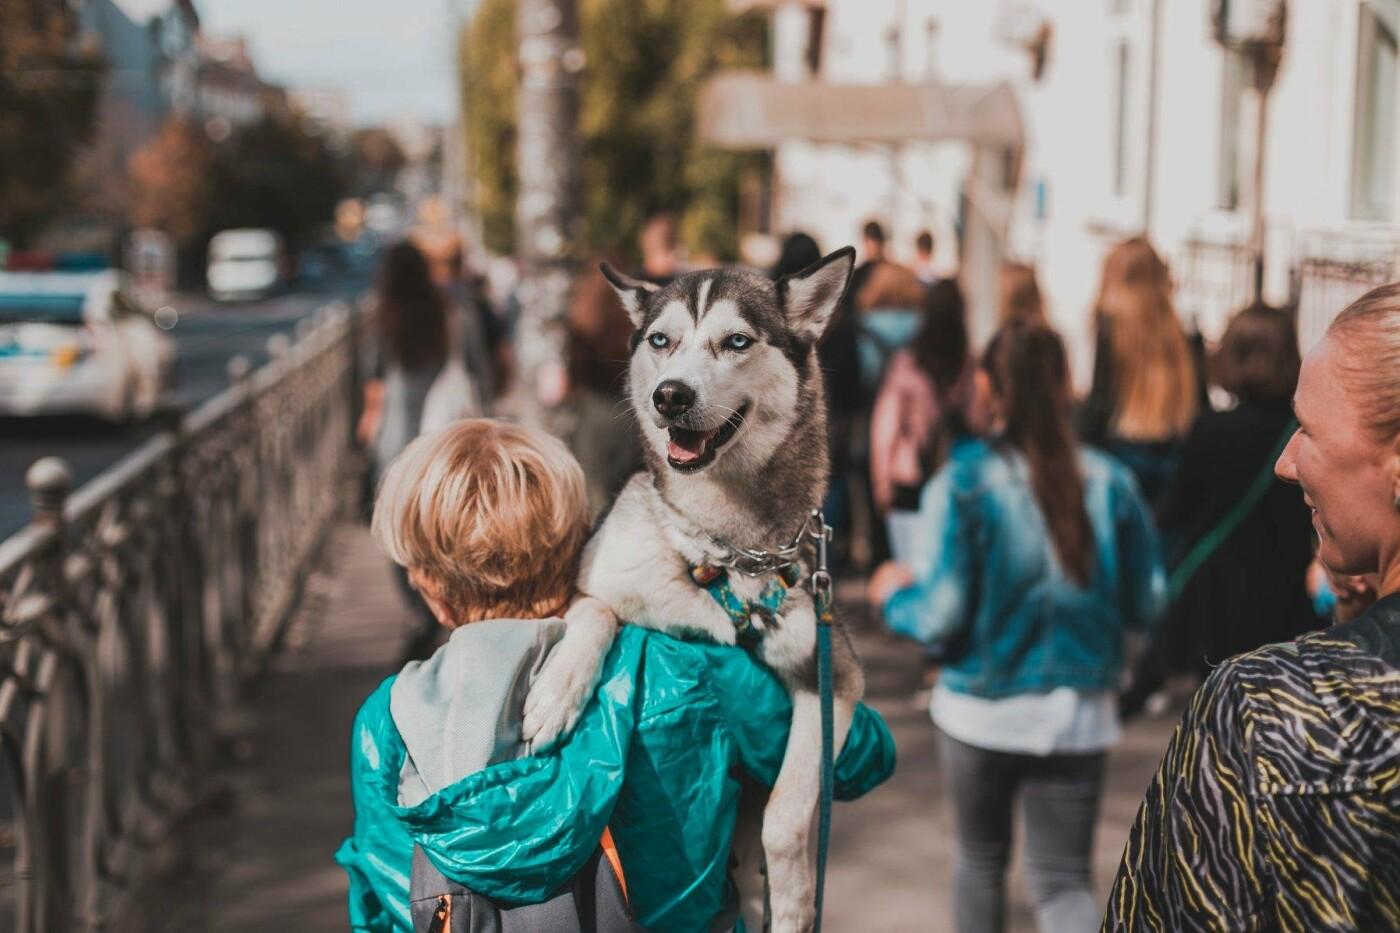 Разом з дітьми та домашніми улюбленцями: у Рівному пройшов Всеукраїнський марш за тварин (ФОТО), фото-4